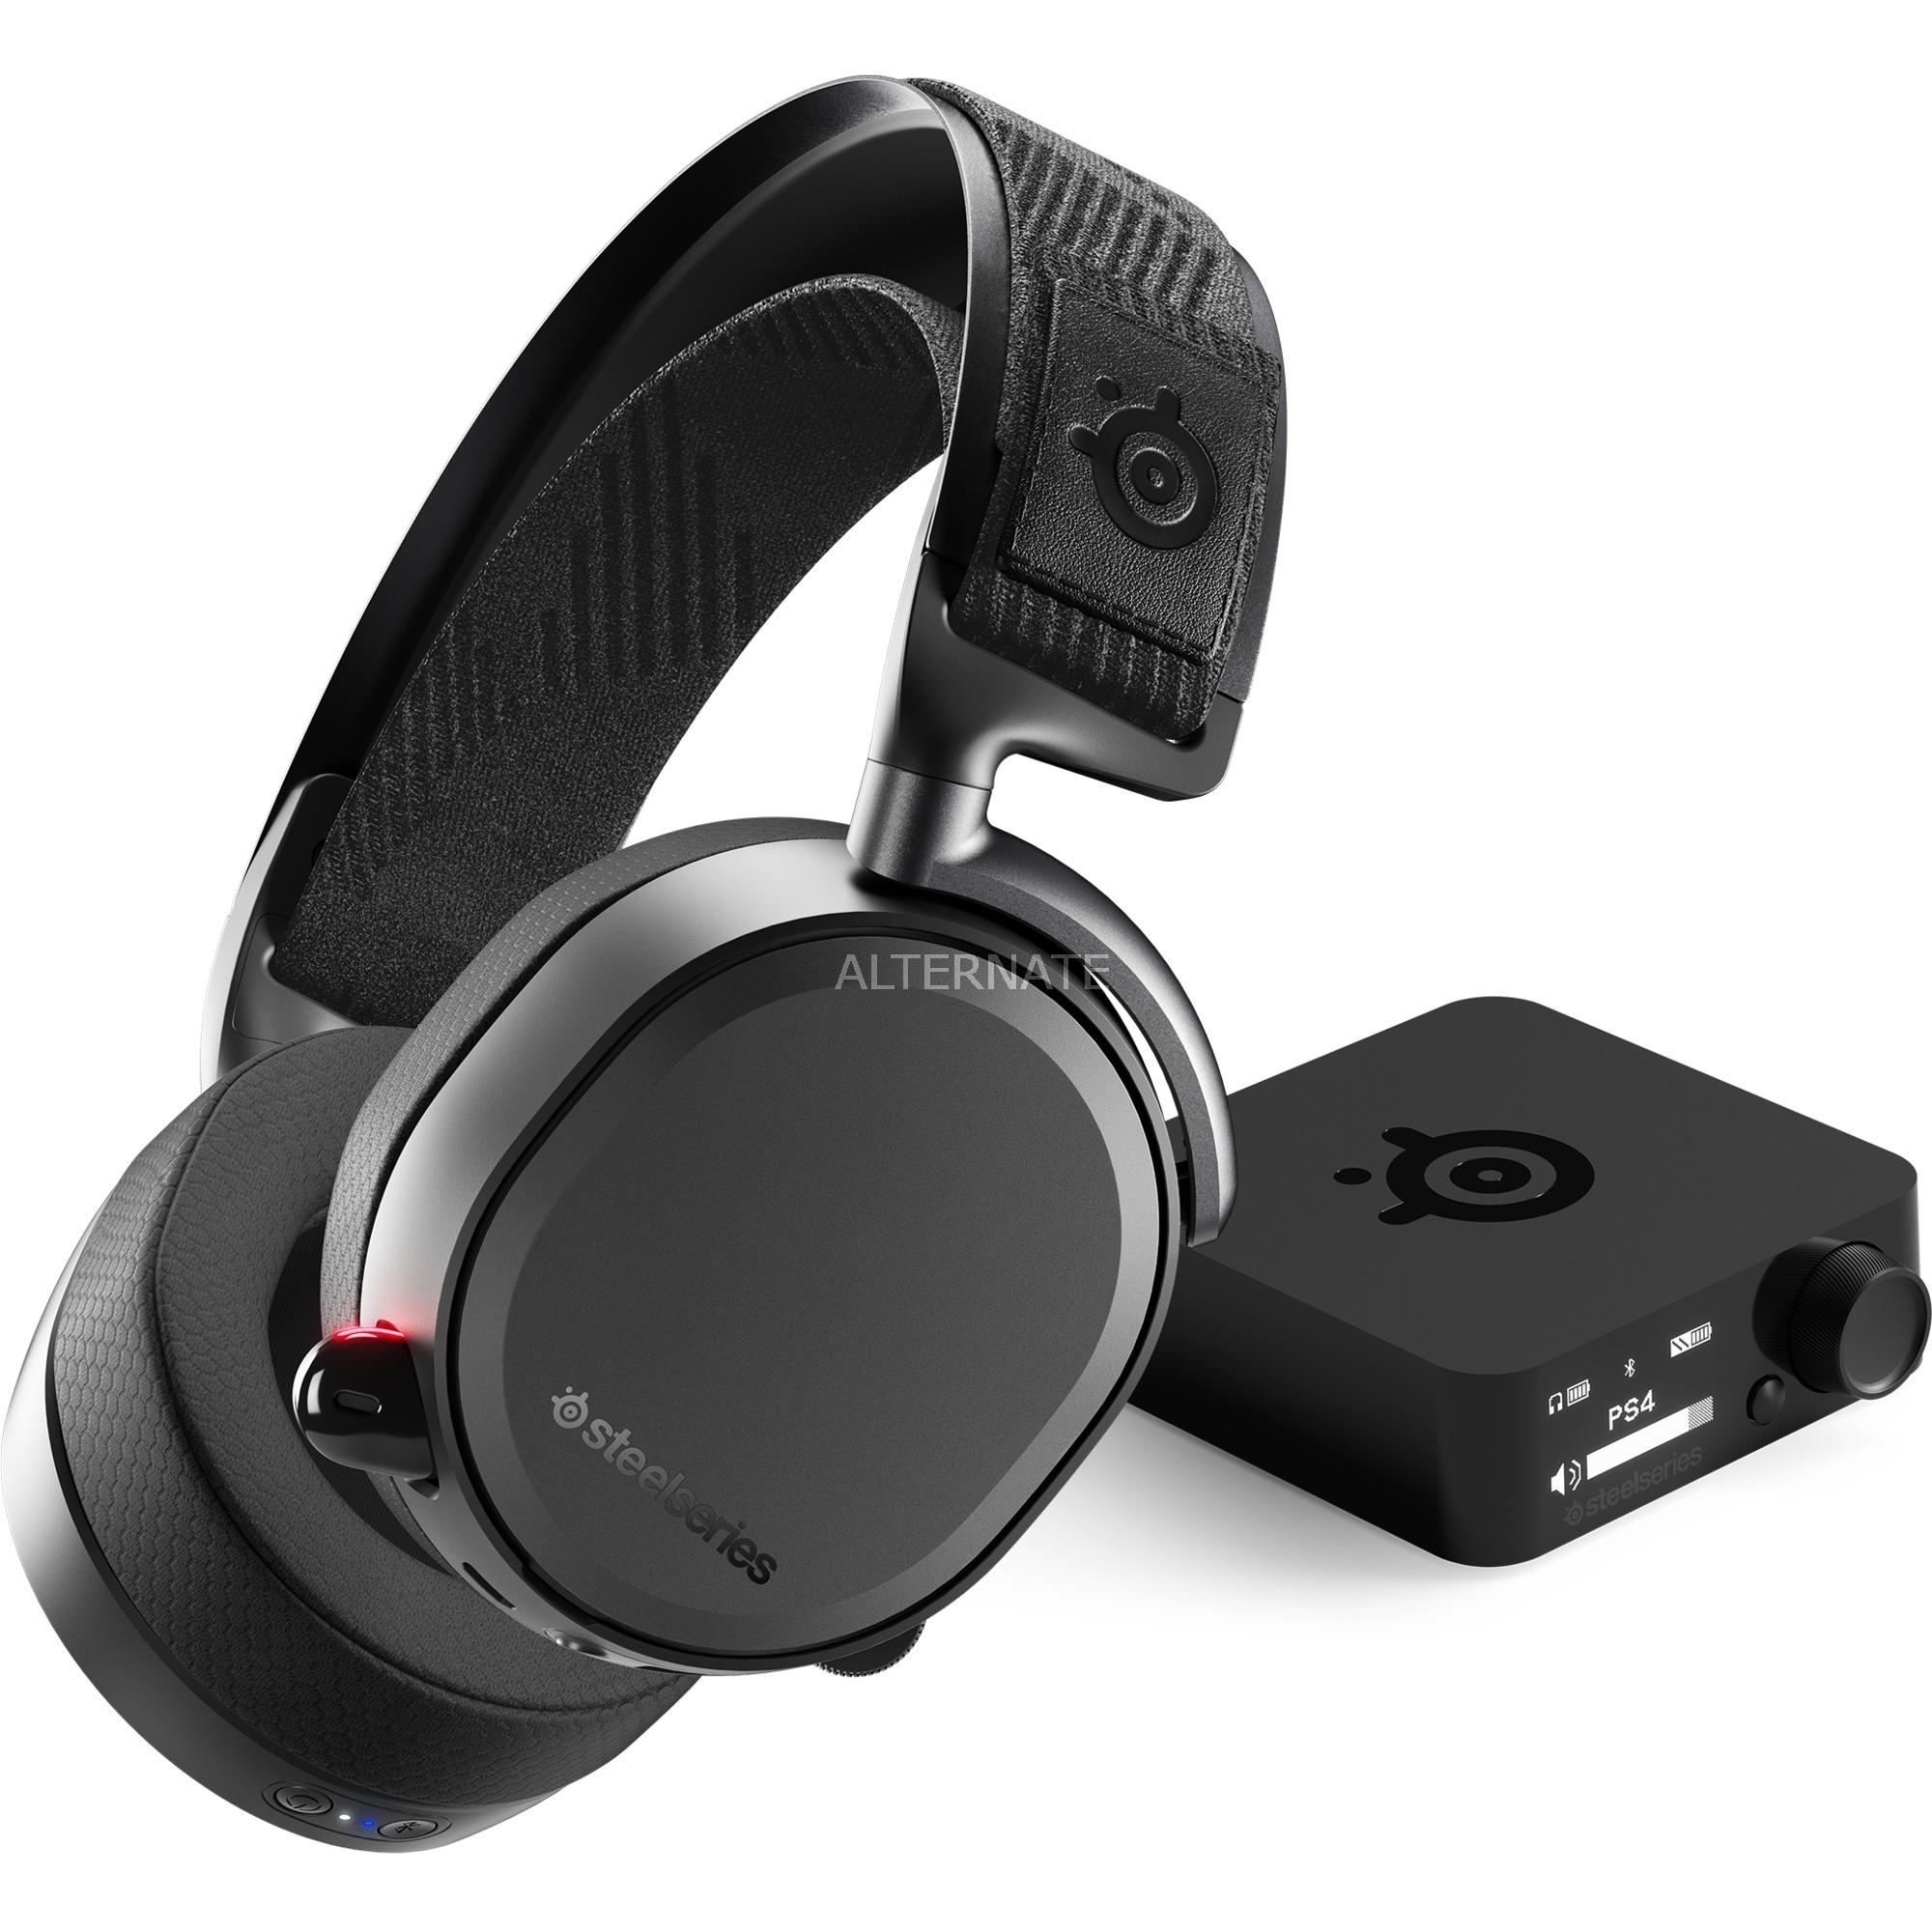 Arctis Pro Wireless auricular con micrófono Diadema Binaural Negro, Auriculares con micrófono